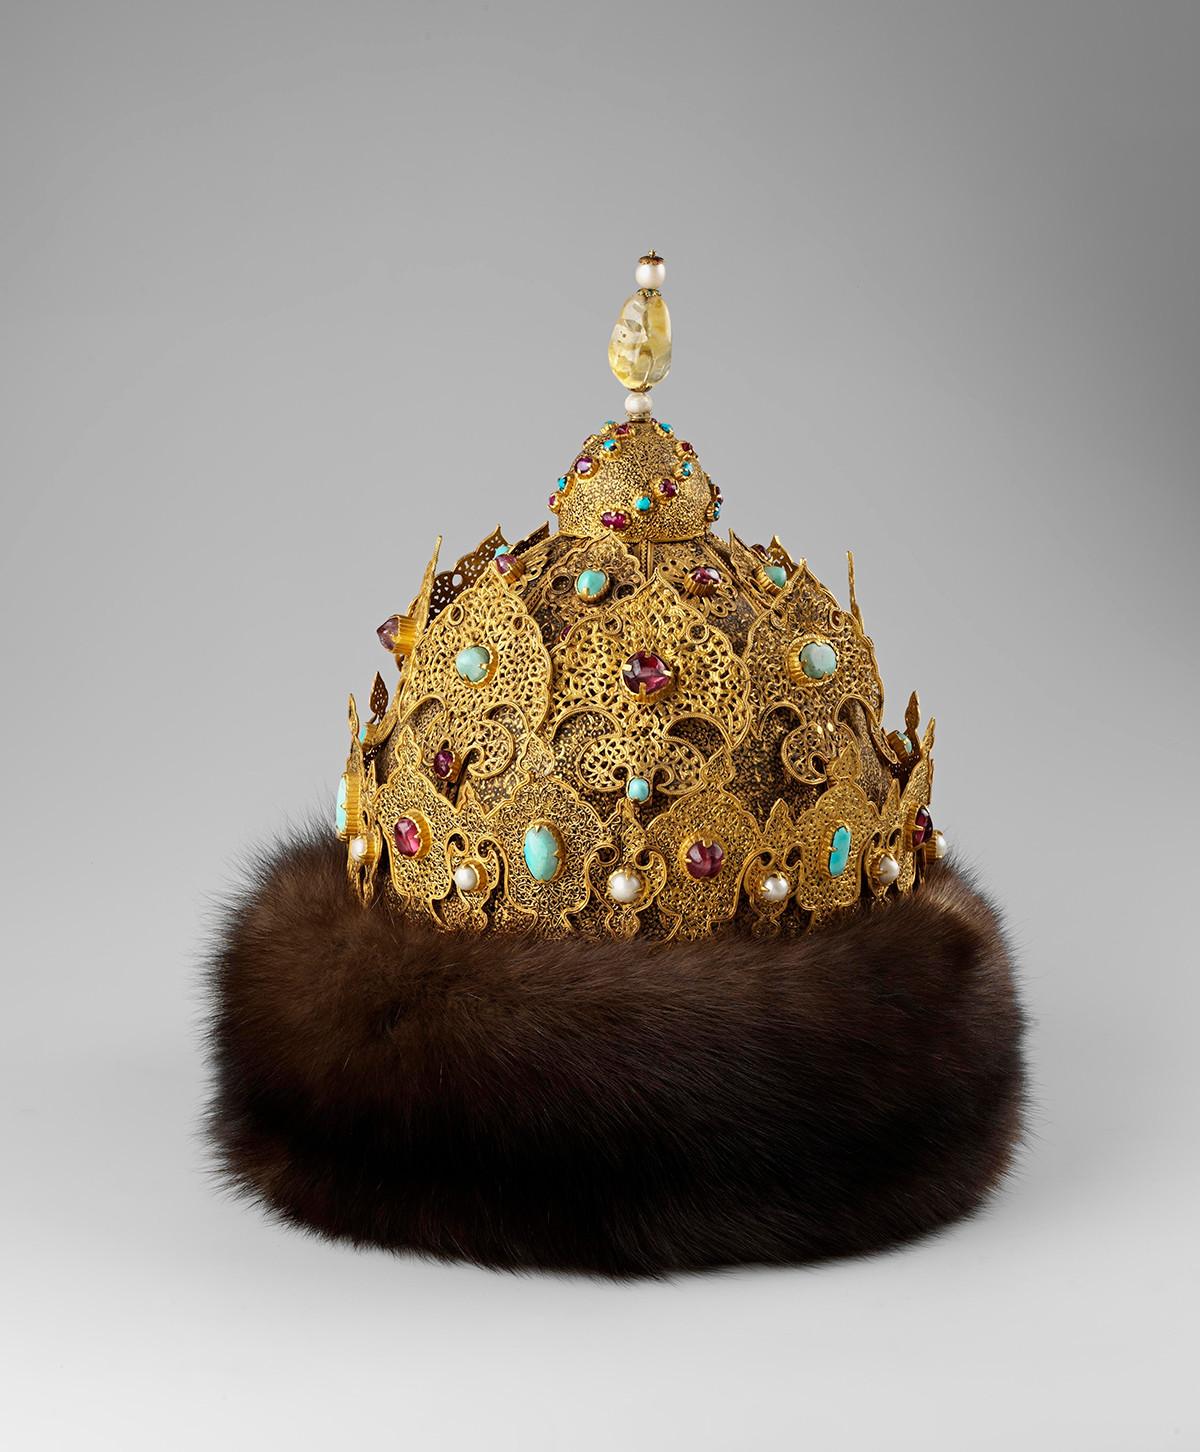 カザンの帽子、イワン雷帝のもの、1553年〜1558年